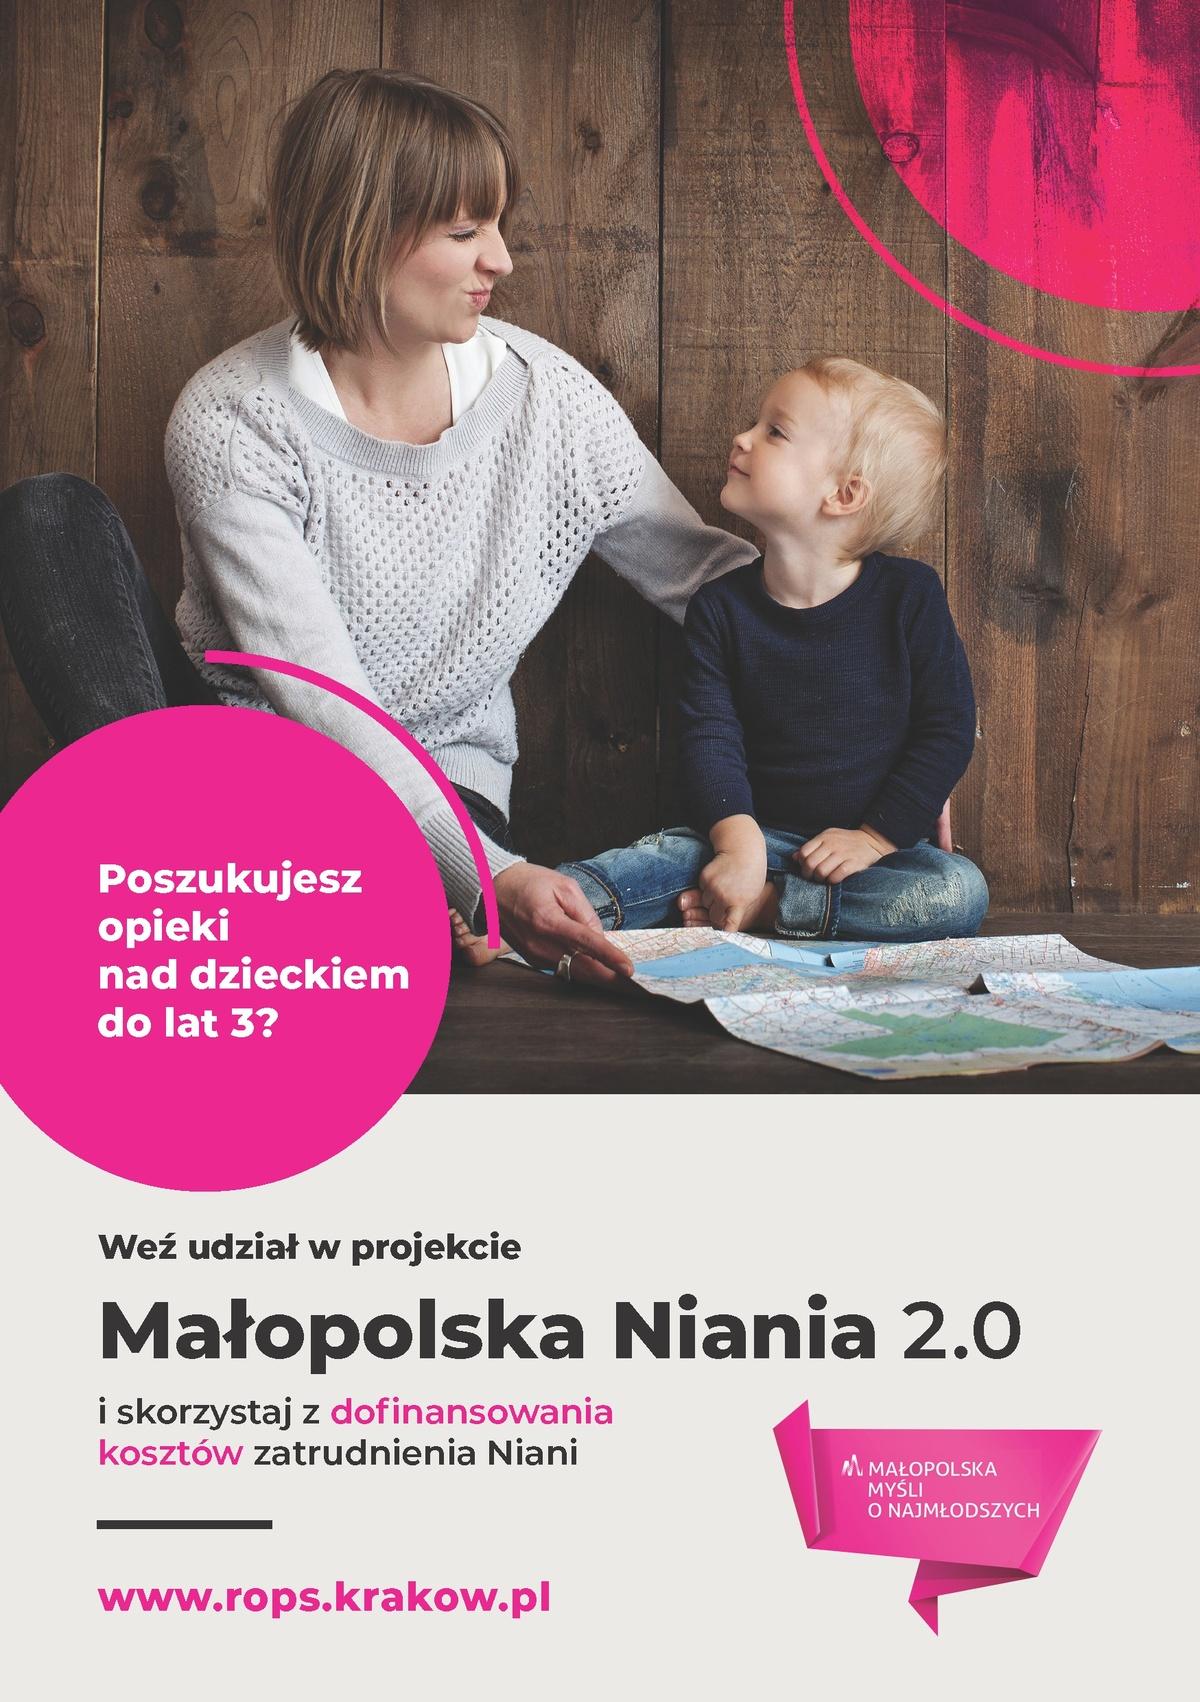 Małopolska Niania 2.0 - plakat informacyjny